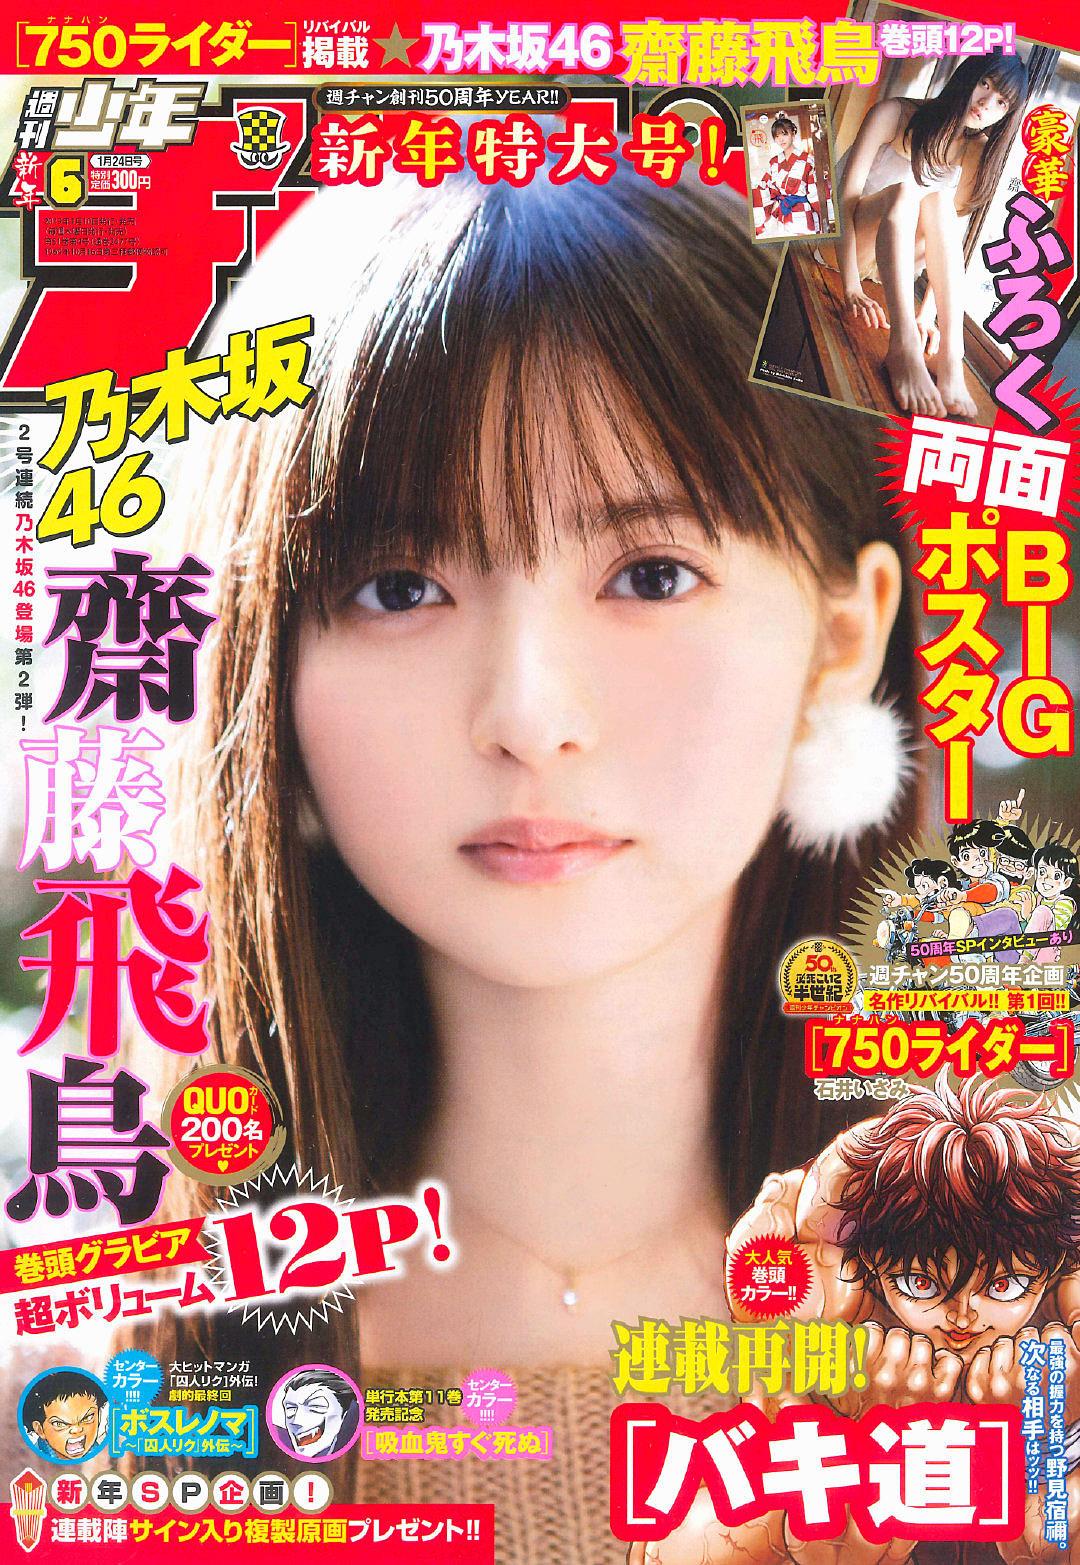 SAsuka Shonen Champion 190124 01.jpg